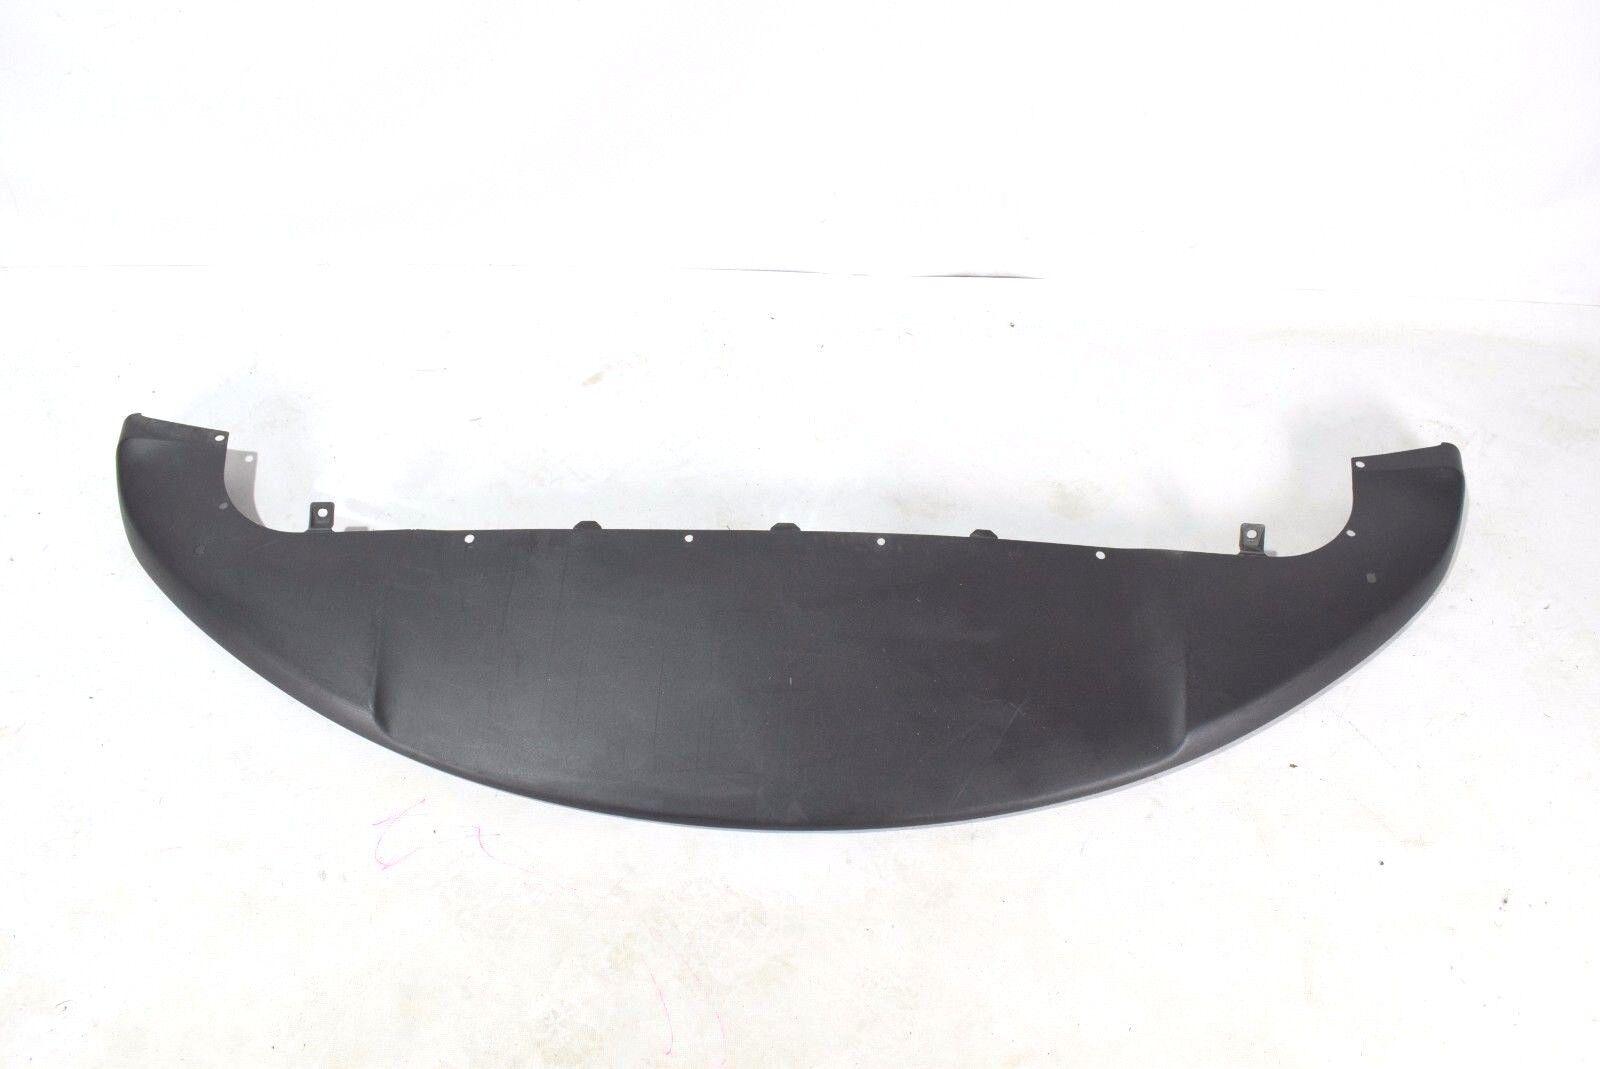 Tesla Modelo S 2012-2016 Parachoques Delantero Bajo Bandeja Cubierta Frontal Escudo Genuino